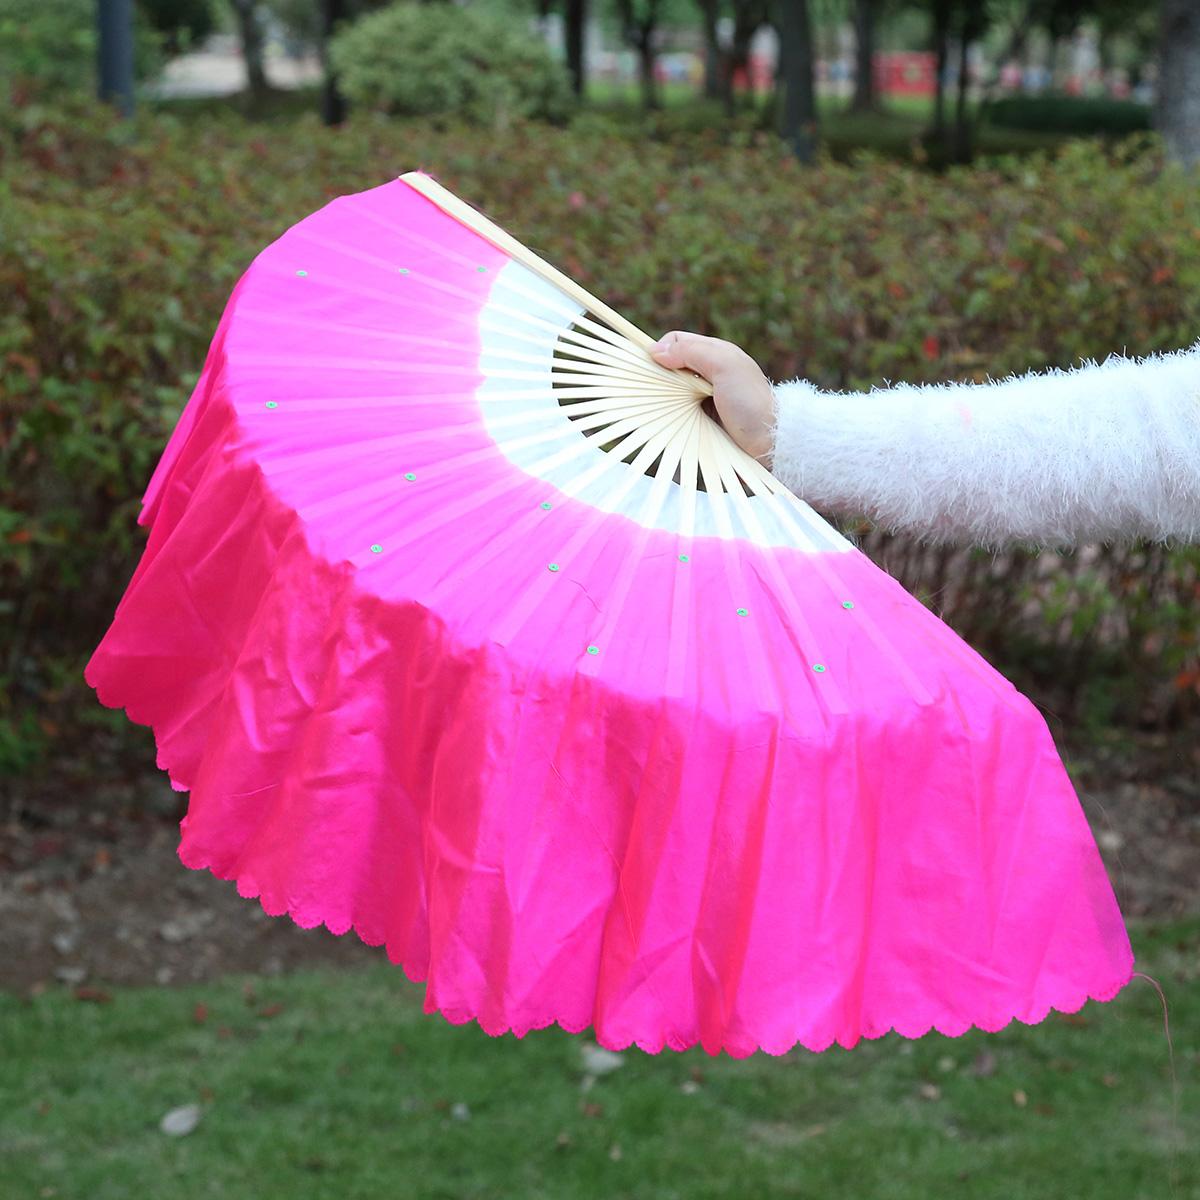 真丝舞蹈扇子跳舞扇子双面一对演出左右手胶州扭秧歌扇广场舞扇子